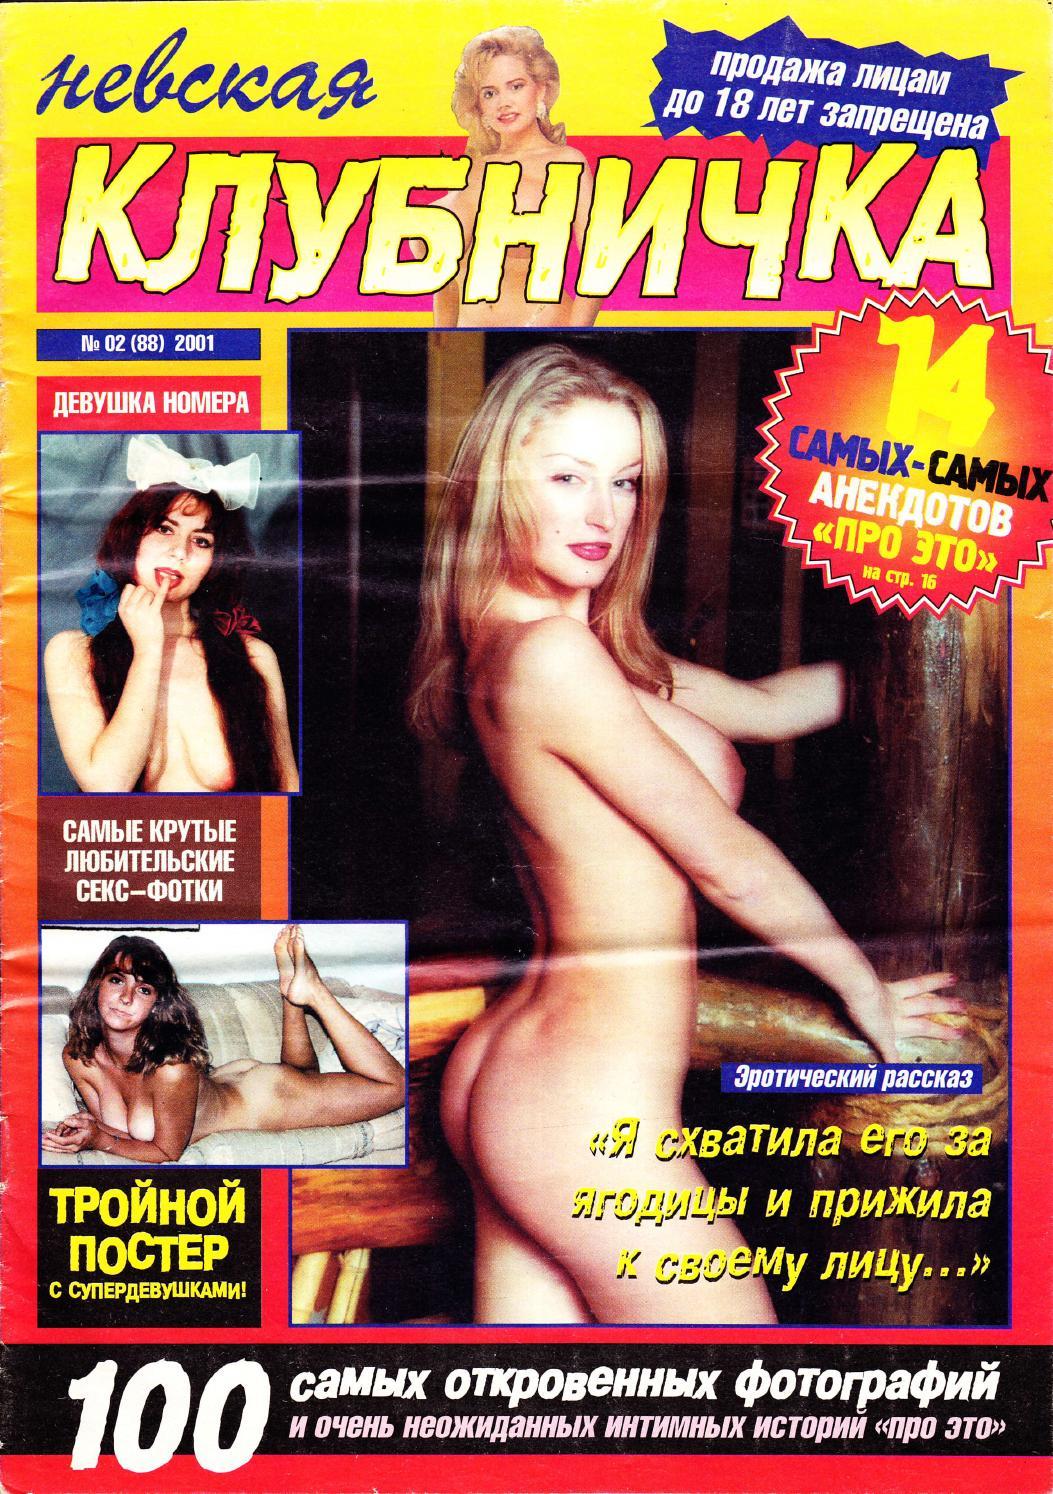 Смотреть порно журнал клубничка бесплатно 4 фотография